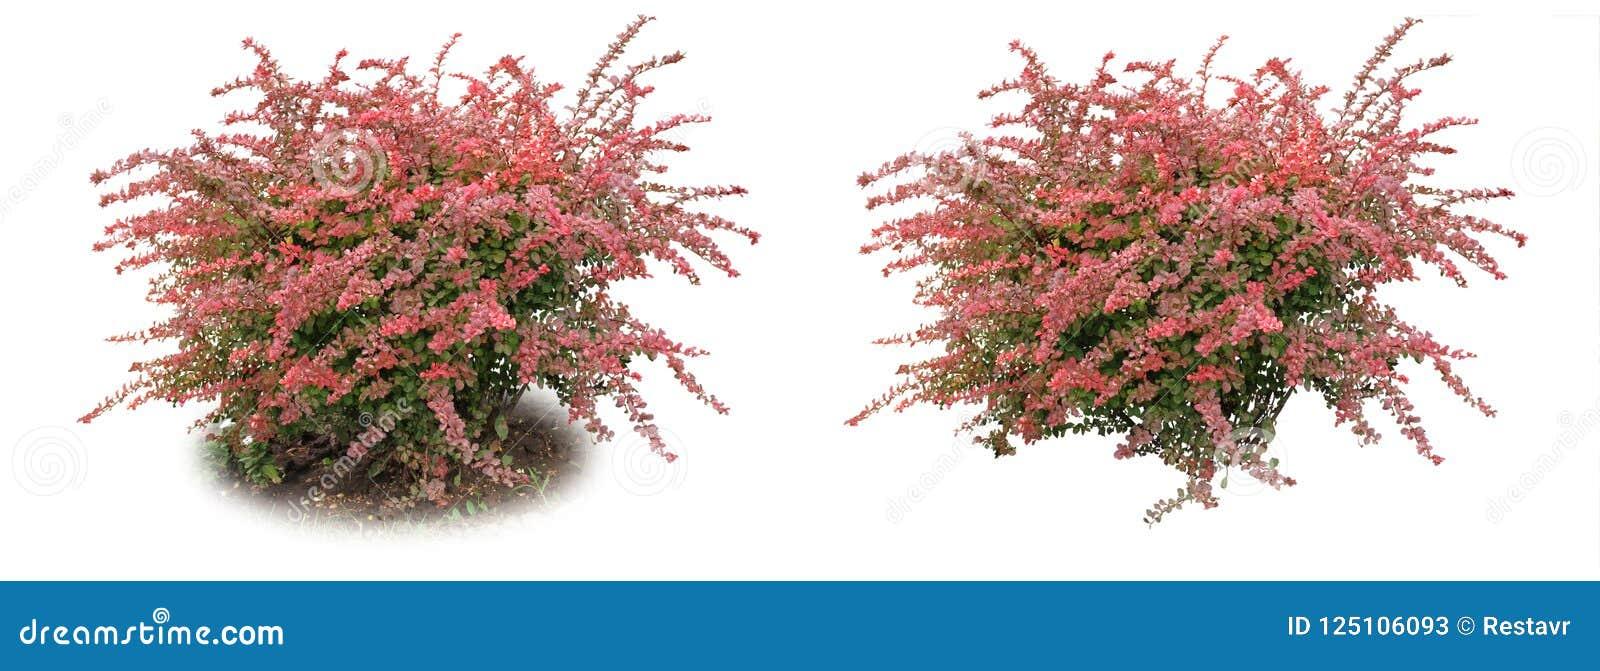 Barberrydet vanliga - en dekorativ buske